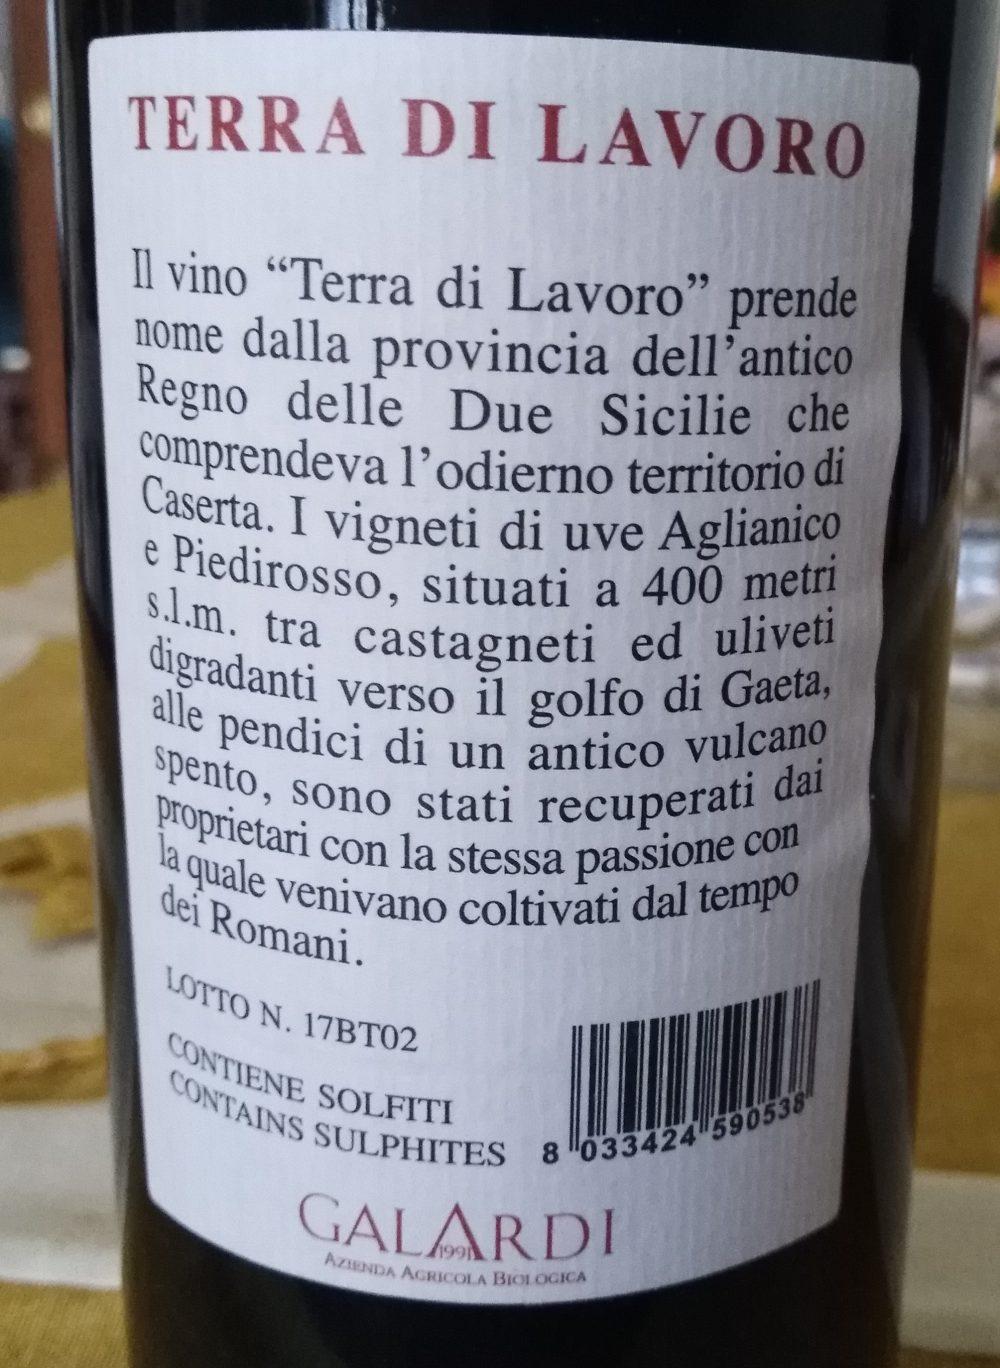 Controetichetta Terra di Lavoro Campania Igp 2017 Galardi